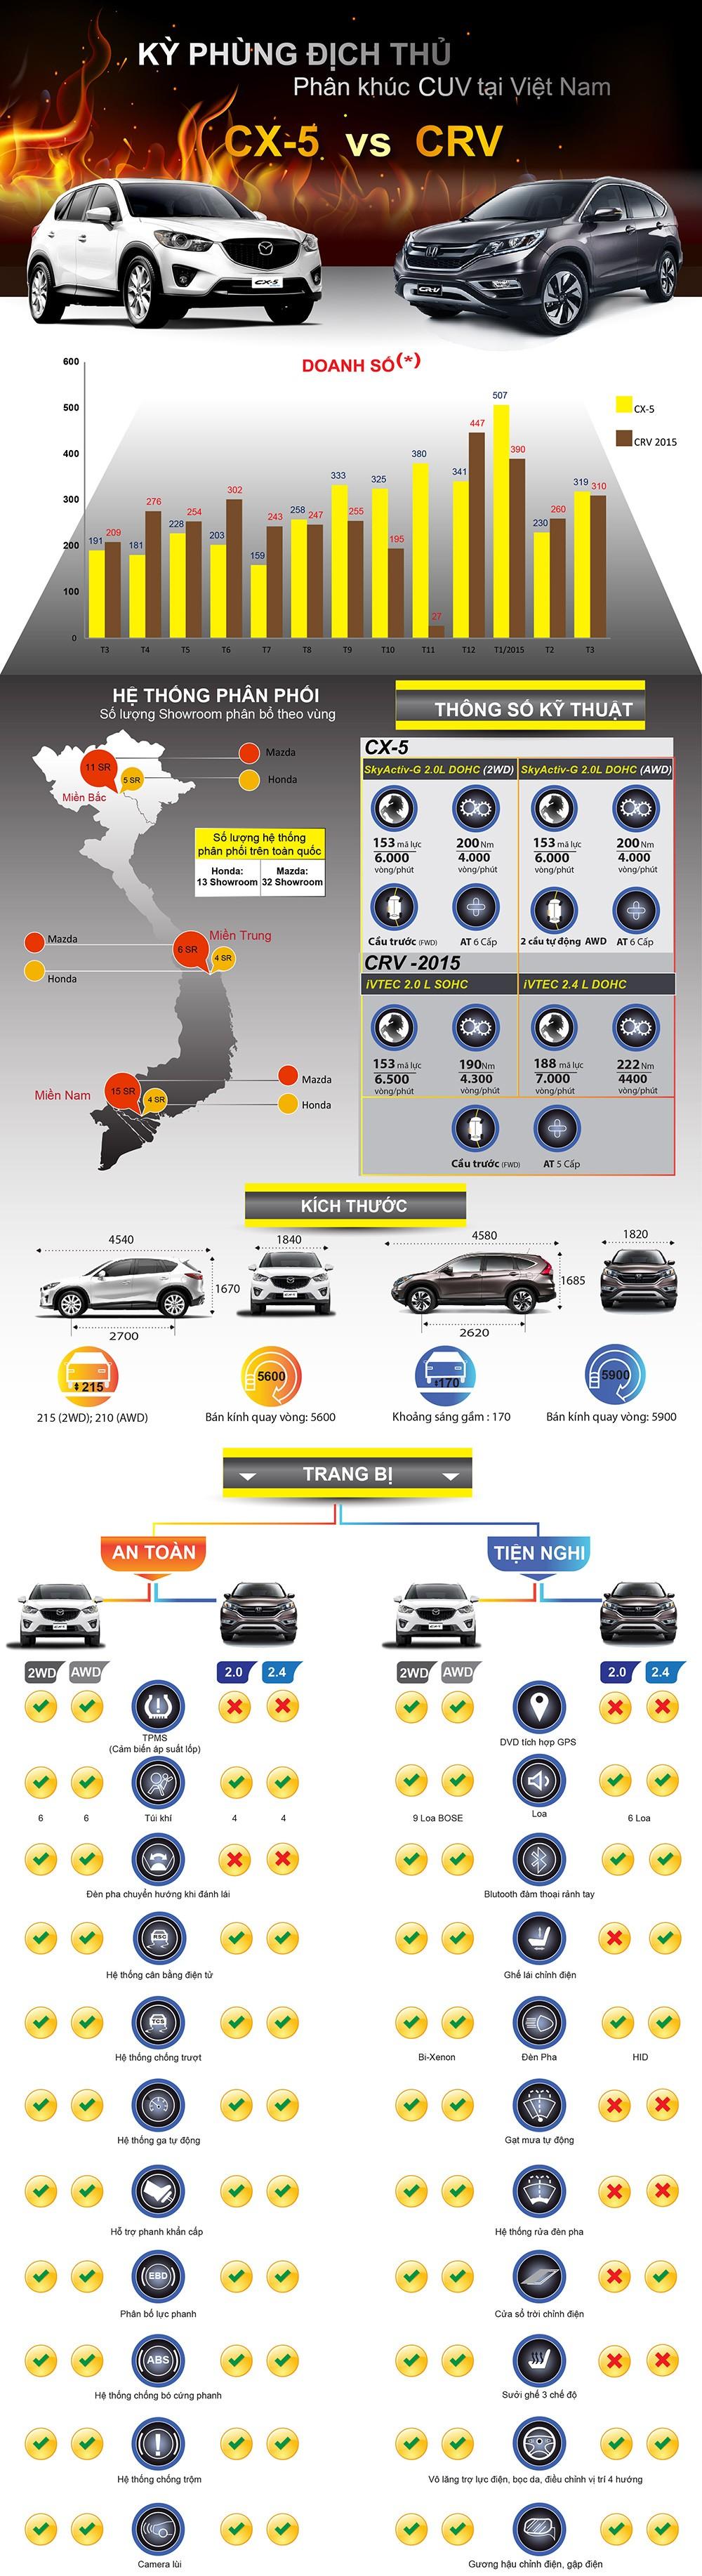 so sanh xe Honda CRV va Mazda CX-5